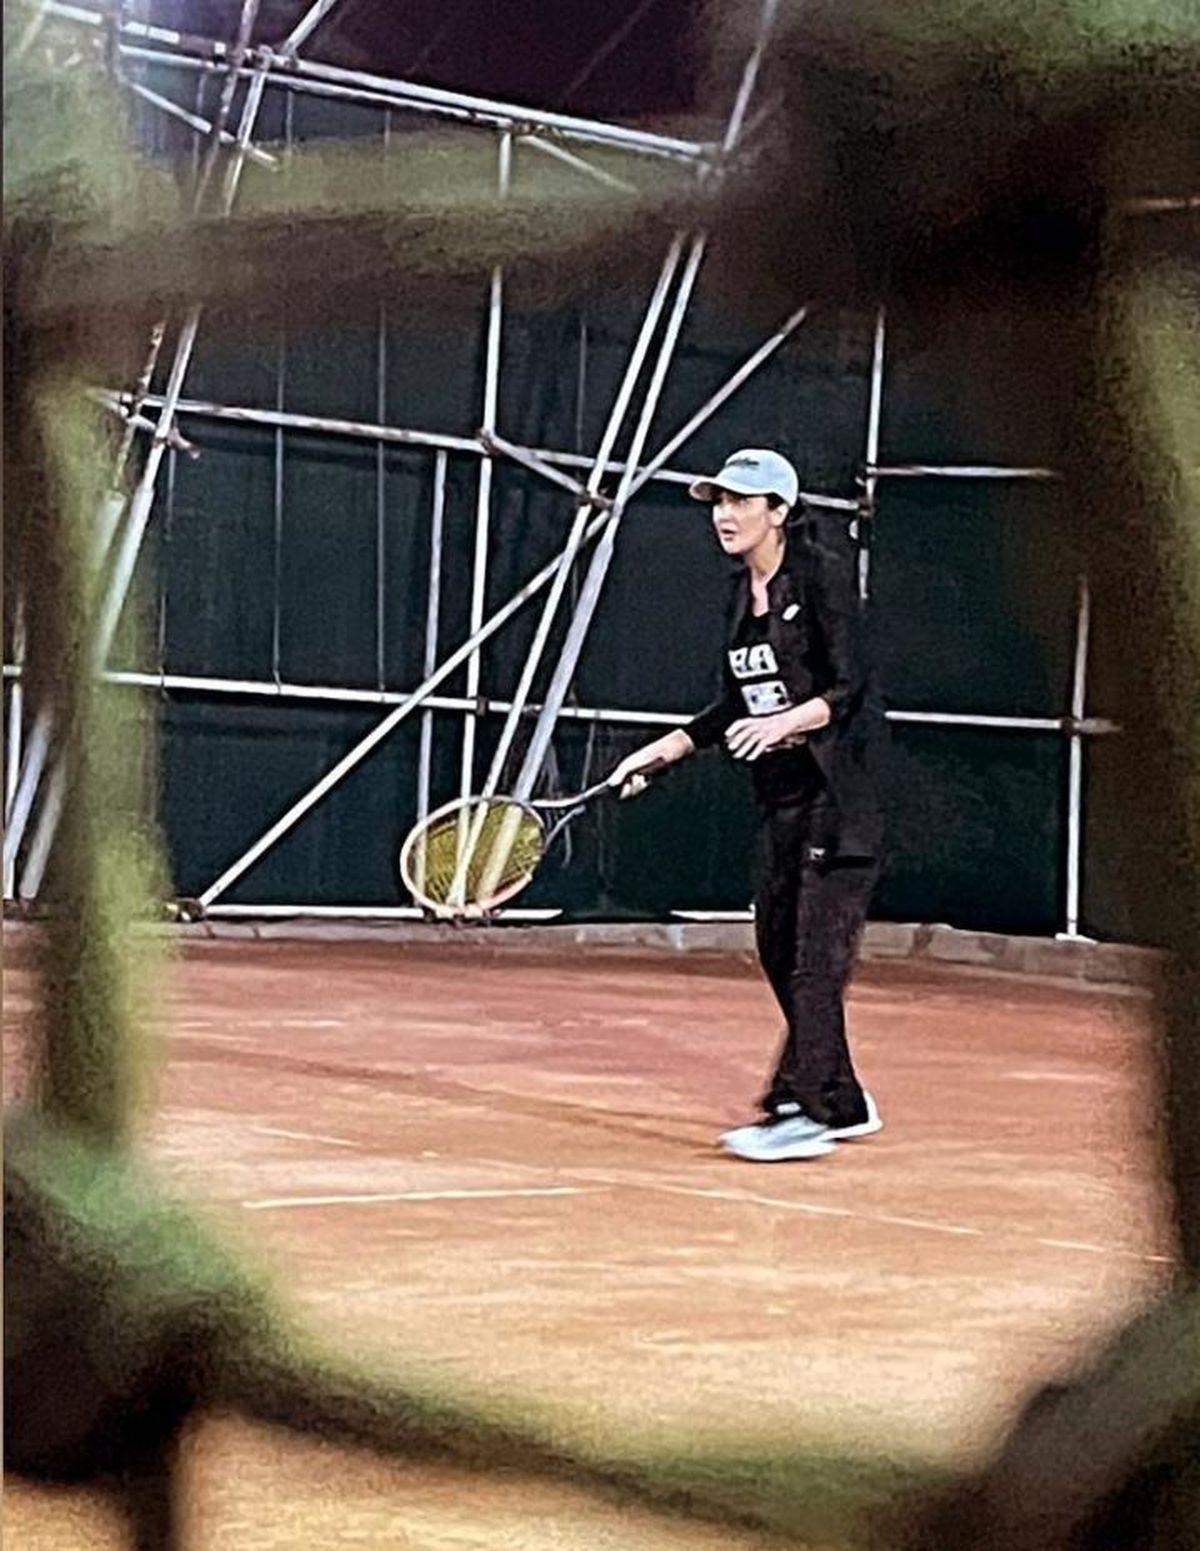 مریم معصومی بدون حجاب و با لباس ناجور در حال تنیس بازی /عکس